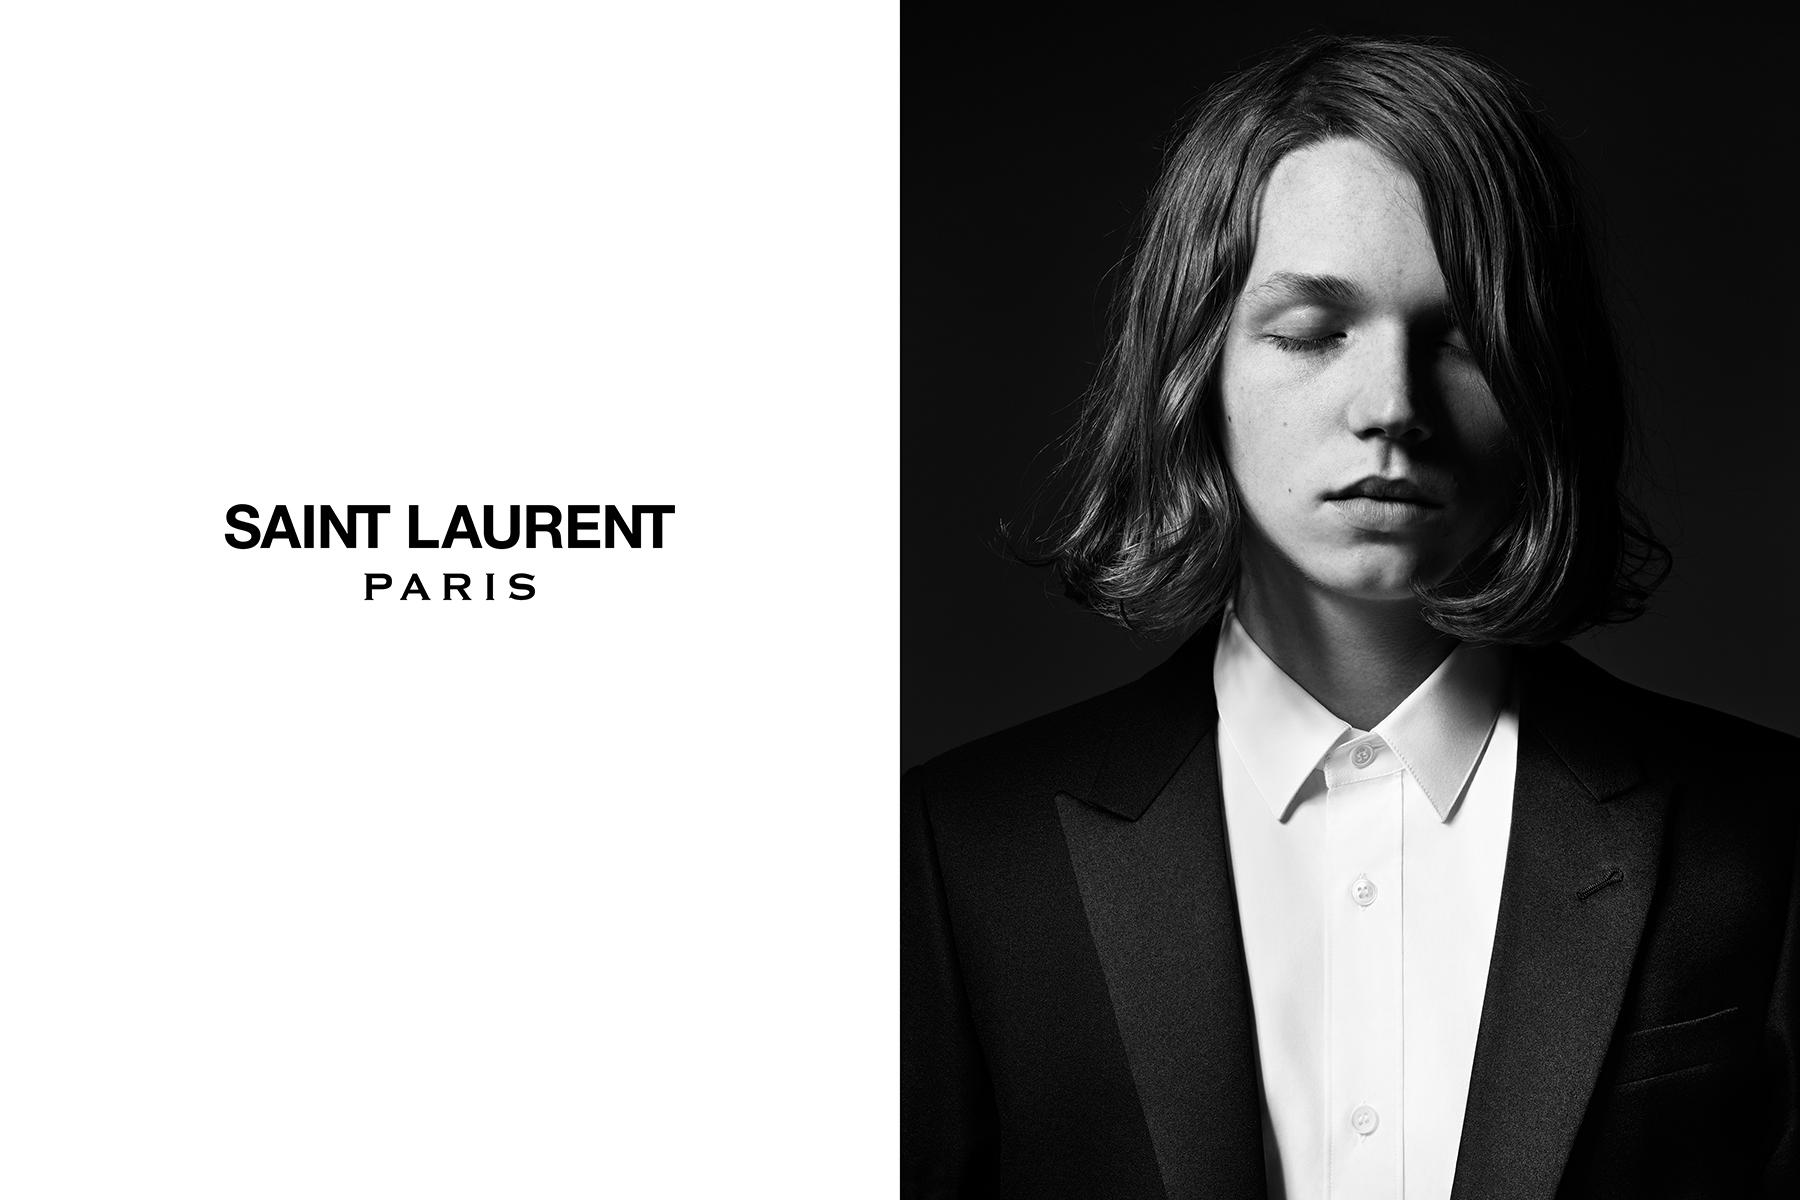 Saint Laurent Presents Its Men's Permanent Collection ...